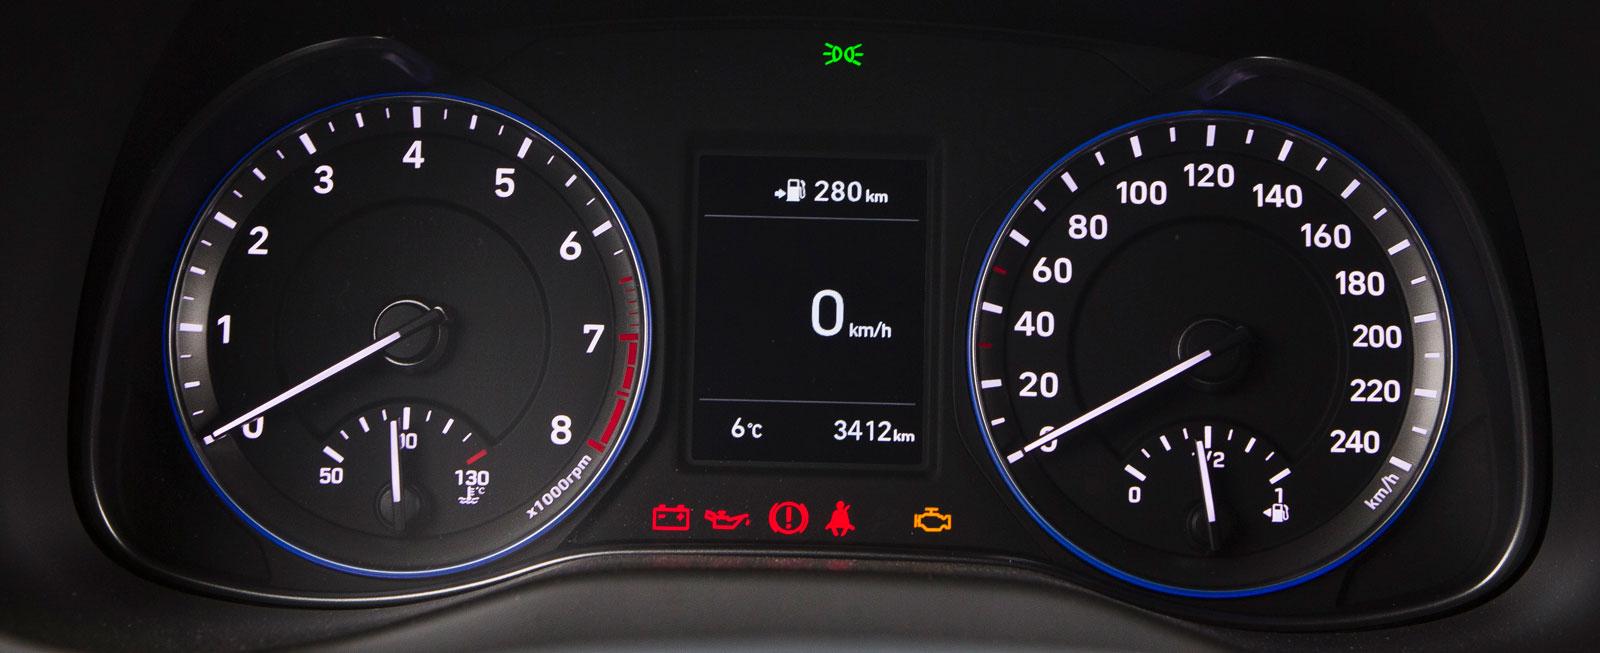 Hyundais analoga instrumentkluster är både prydligt och tydligt. I displayen mellan mätarrundlarna ges information från färddator och medieanläggning.